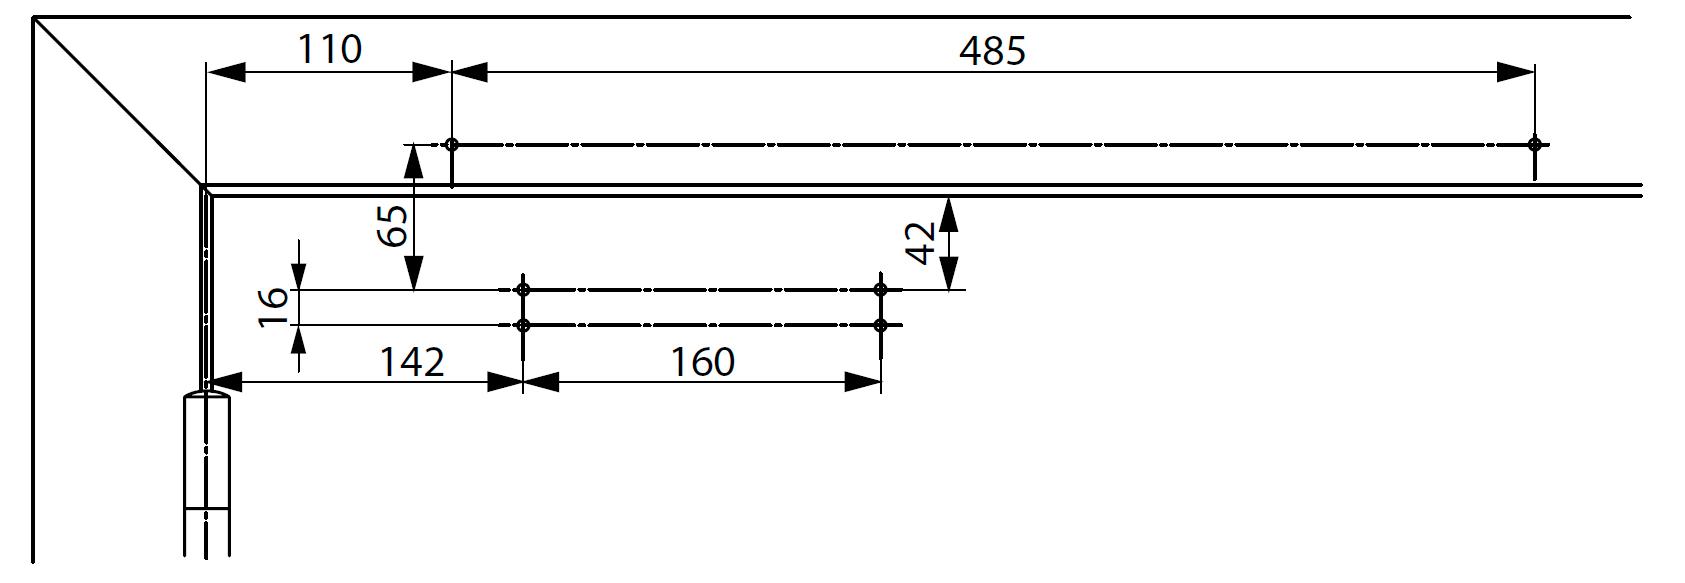 Монтажные размеры для стандартной установки доводчика DC700 с монтажной пластиной со стороны петель Для дверей, соответствующих стандарту Е1154, Дополнение 1, или для тех дверей, где прямой монтаж невозможен.